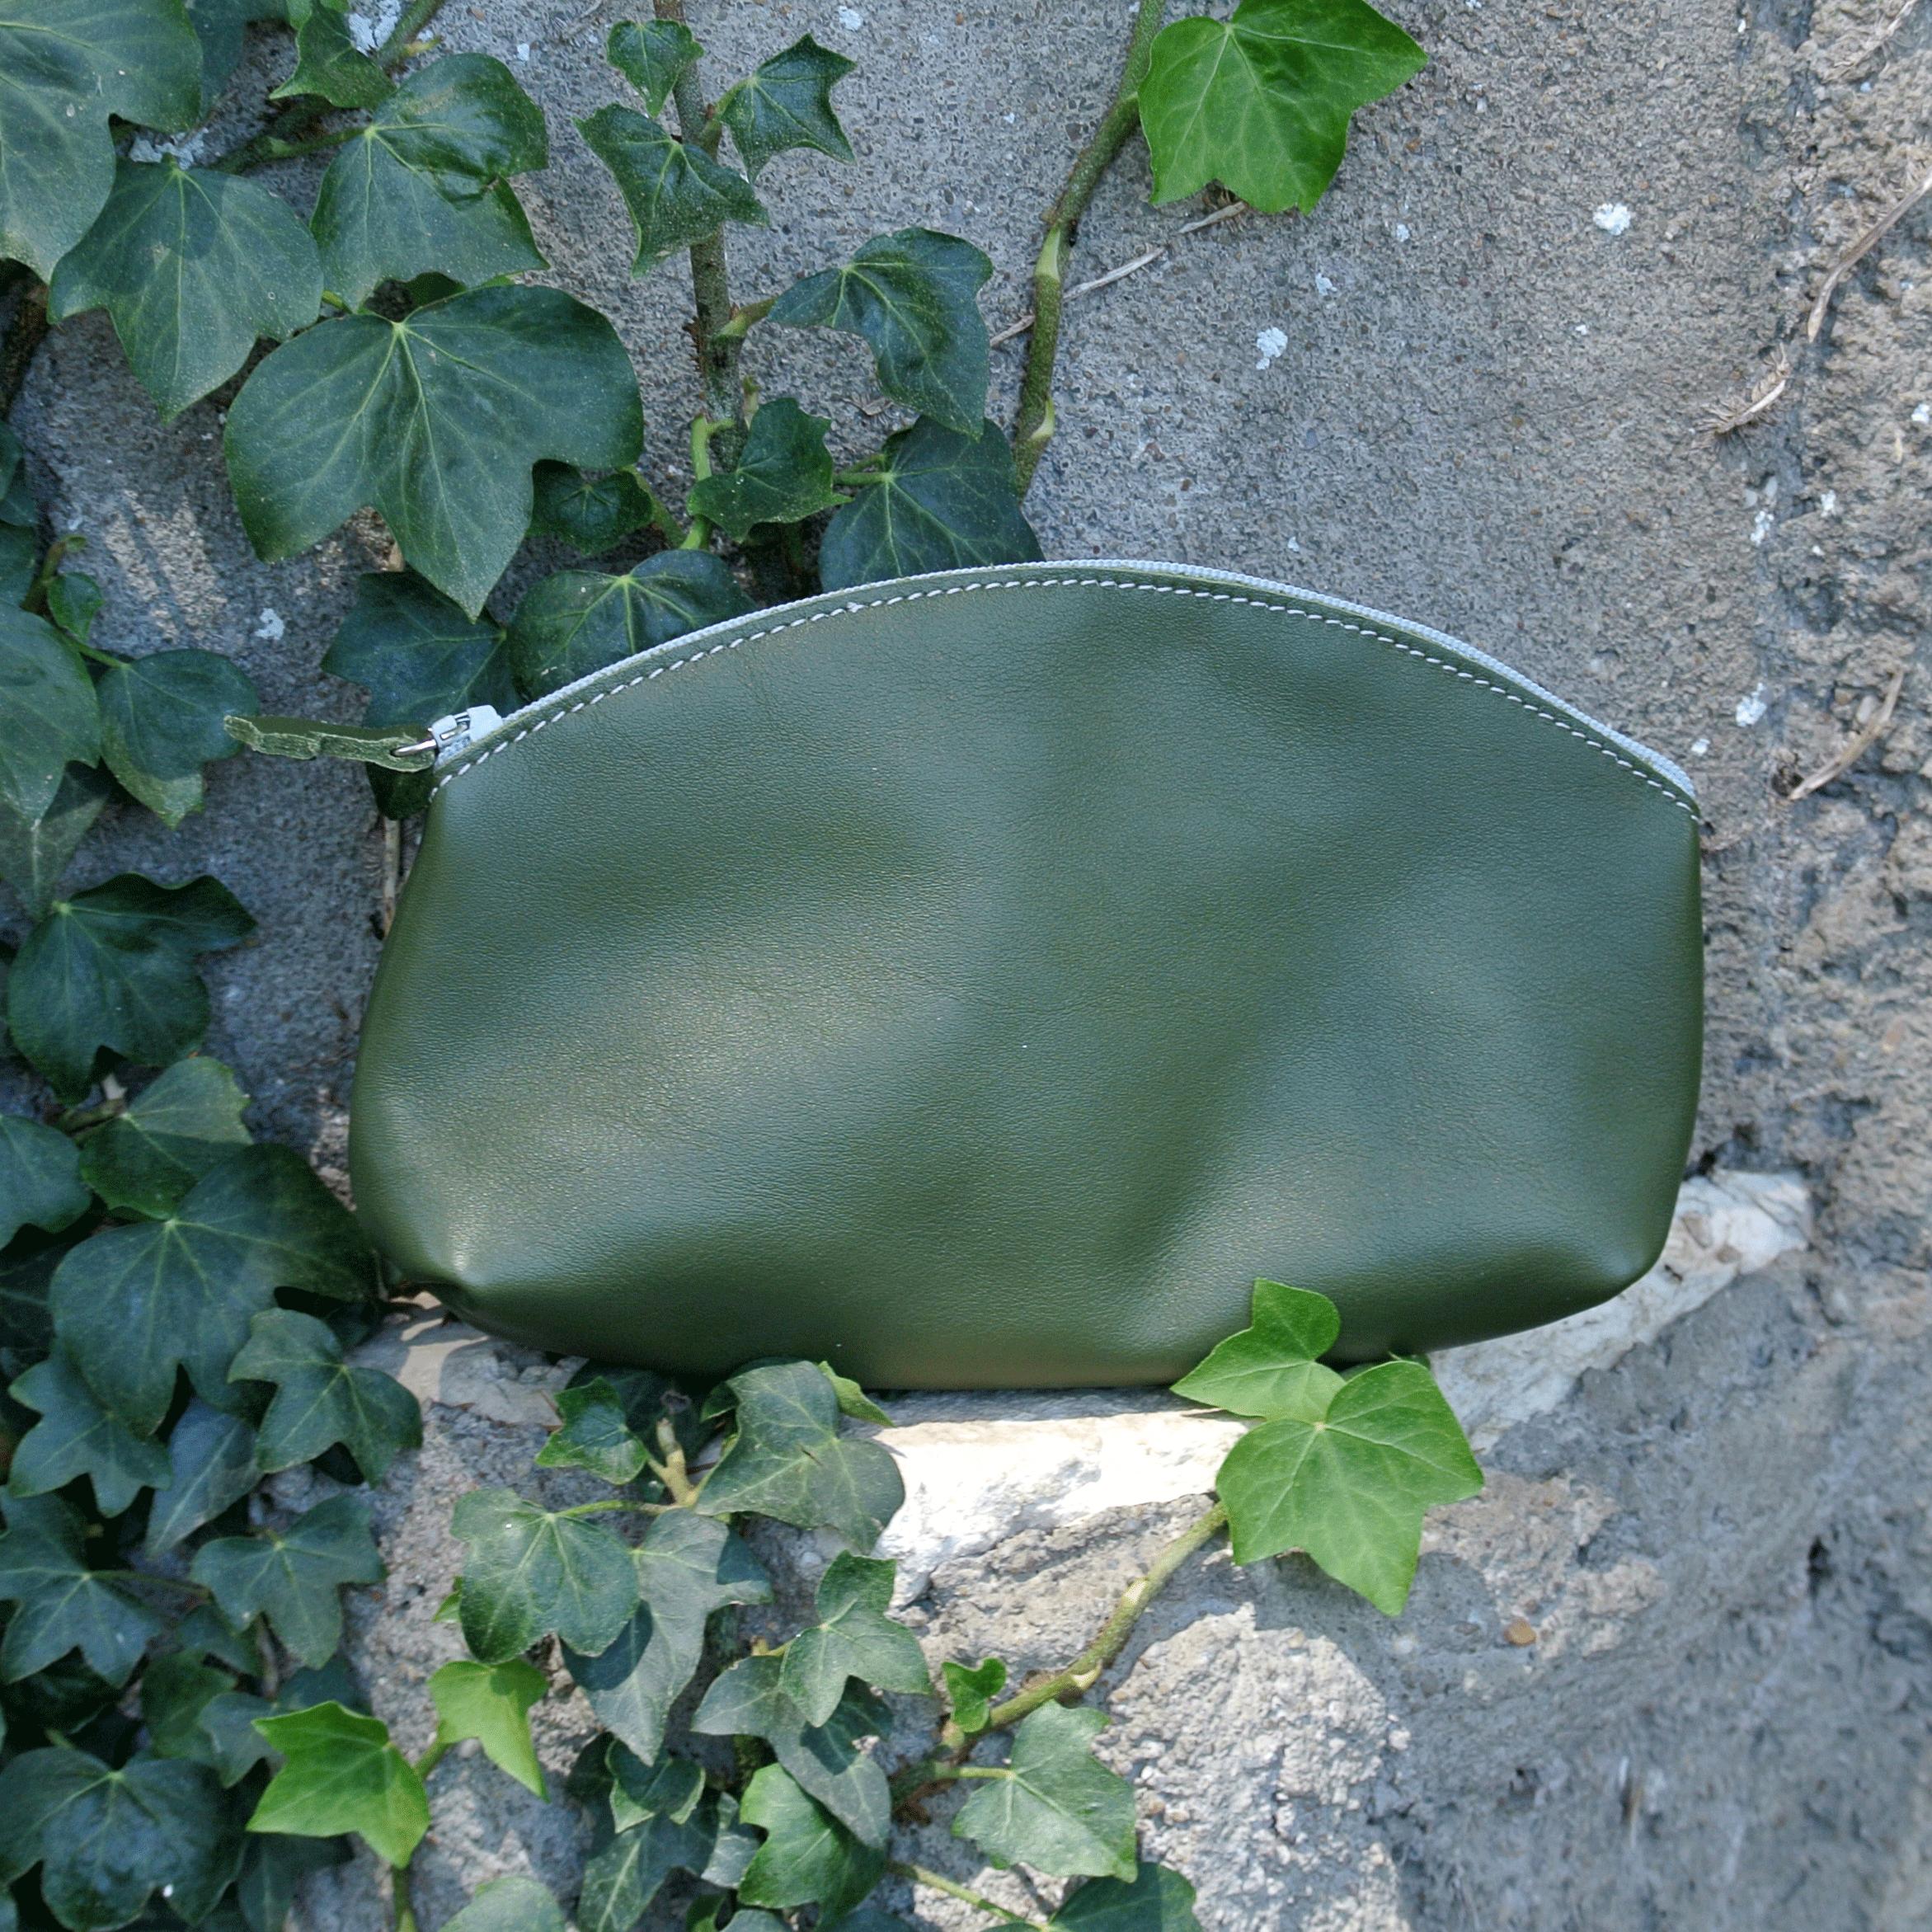 maxi-trousse-tresors-fabrique-en-france-cuirs-fantaisies-la-cartabliere